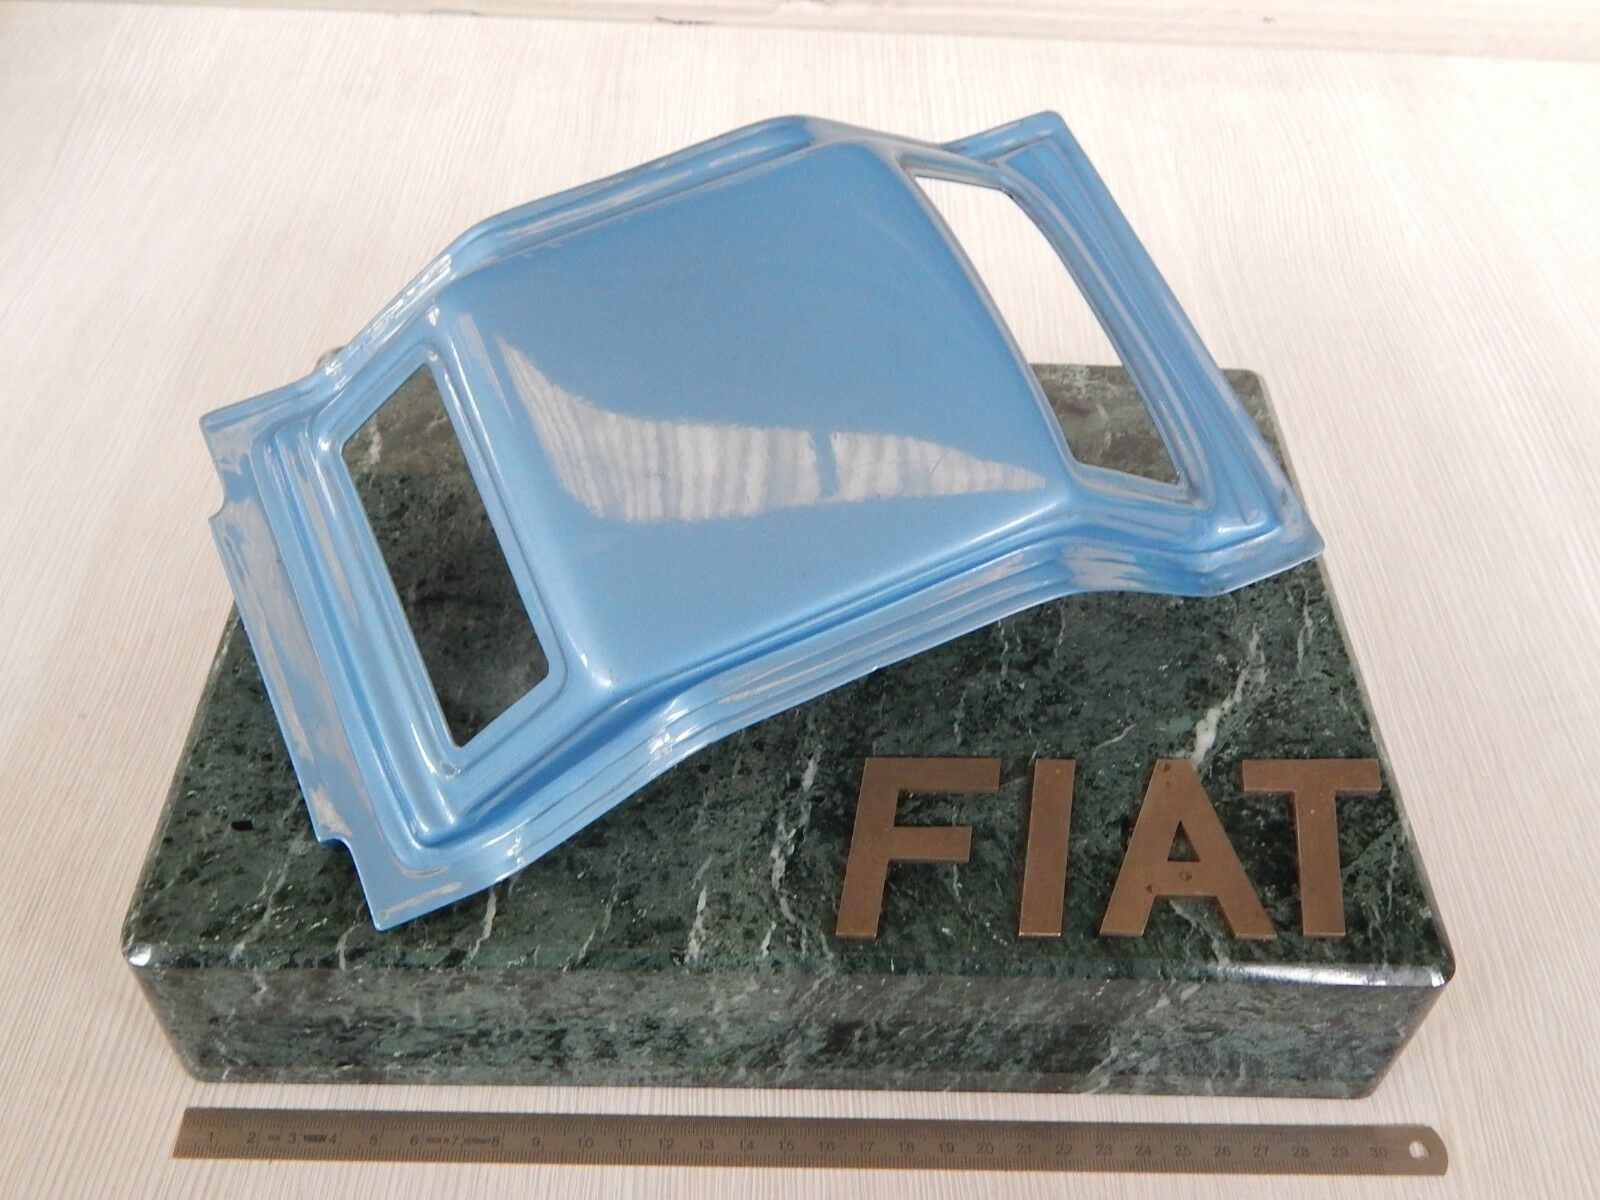 alta qualità genuina Raro  promozionale stampaggio Fiat anni '70 base in in in marmo epoca 124 abarth etc  marca